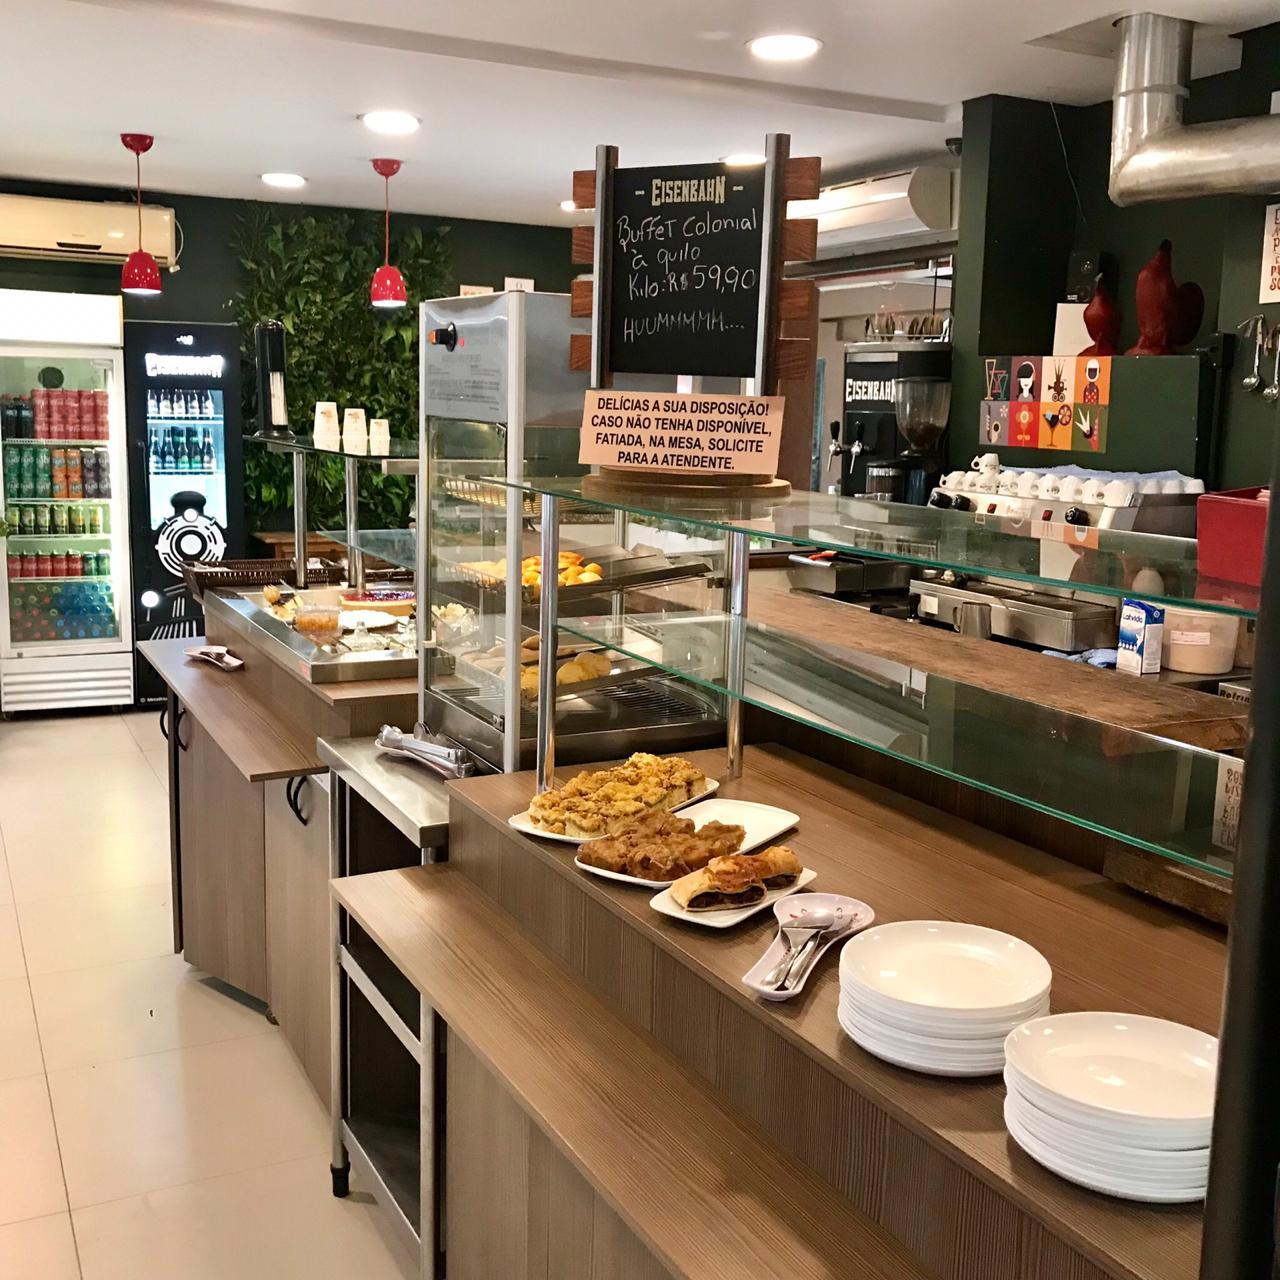 Benkendorff Kaffee abre no Empório Vila Germânica